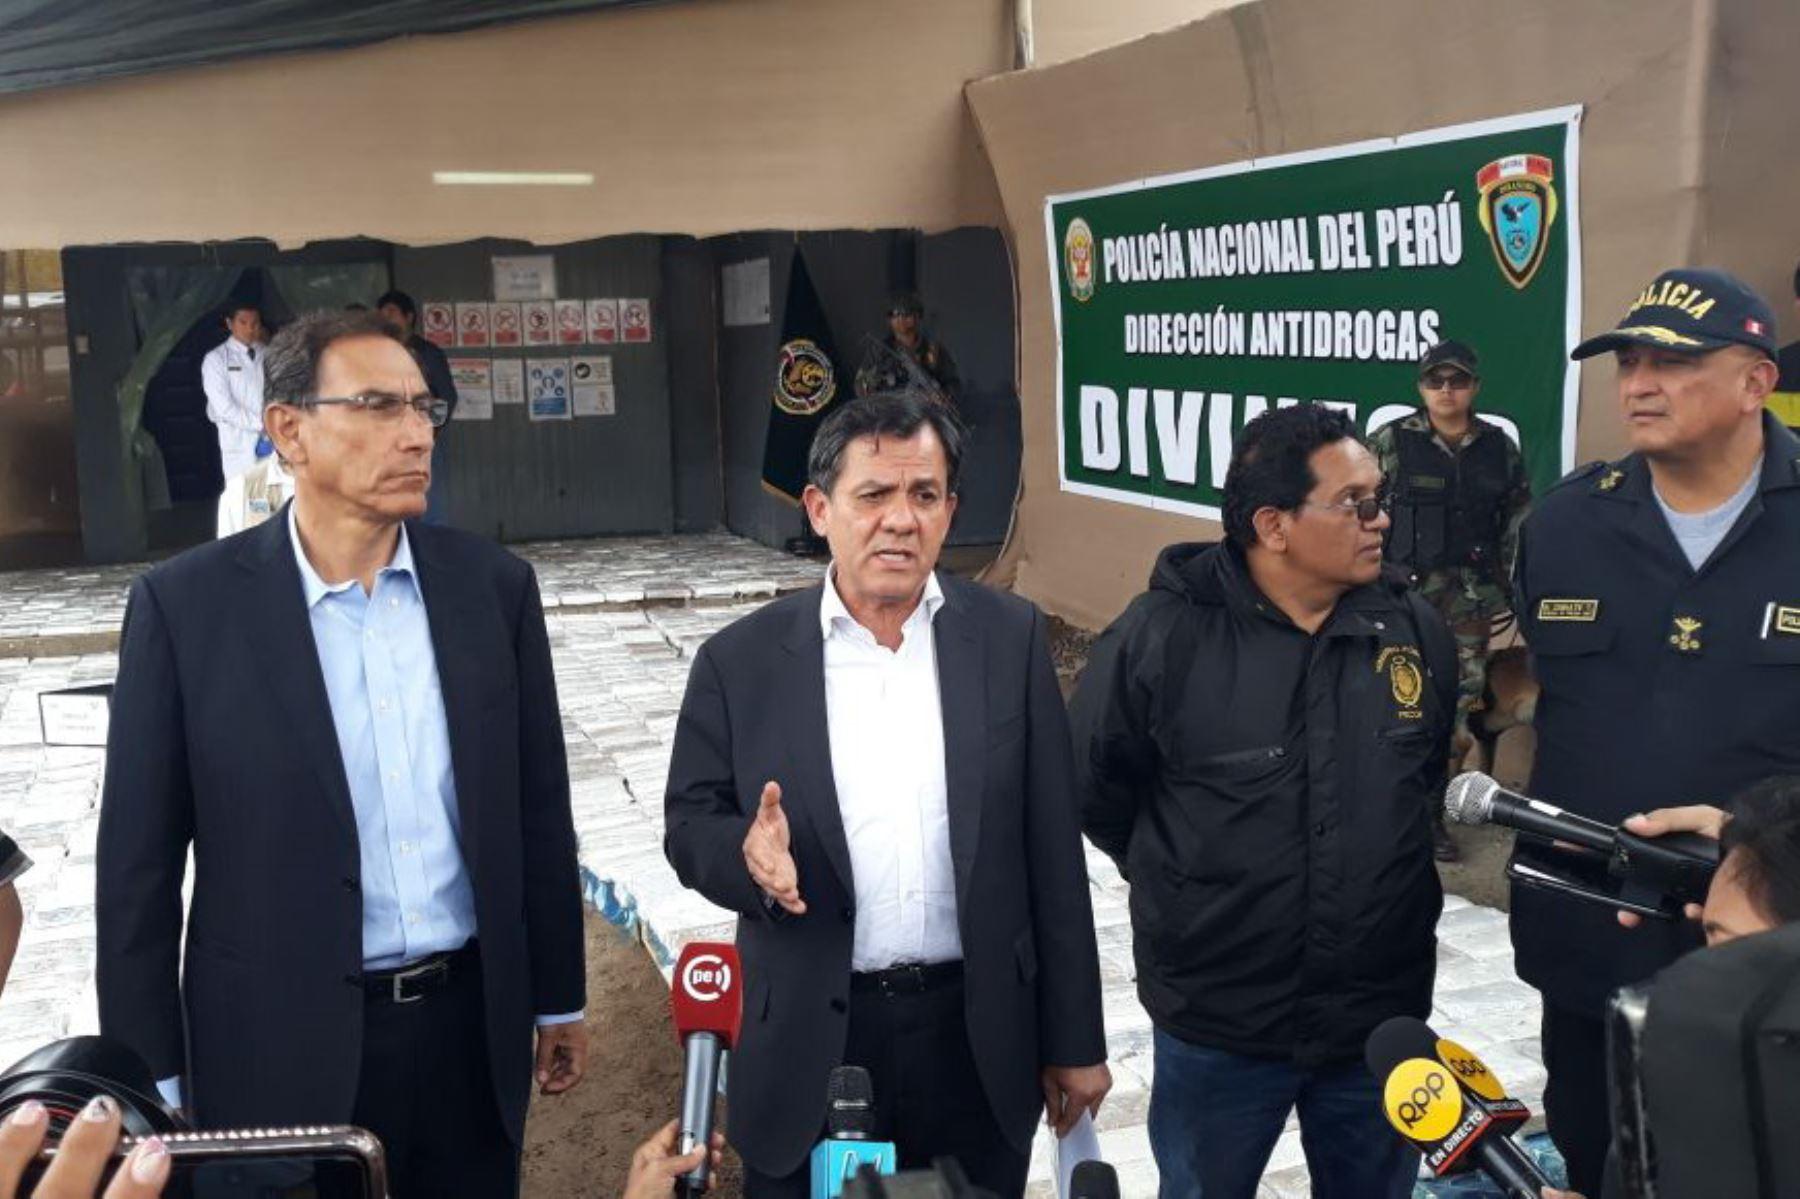 Presidente Martín Vizcarra encabezó ceremonia de presentación de droga incautada en Chancay. ANDINA/Difusión